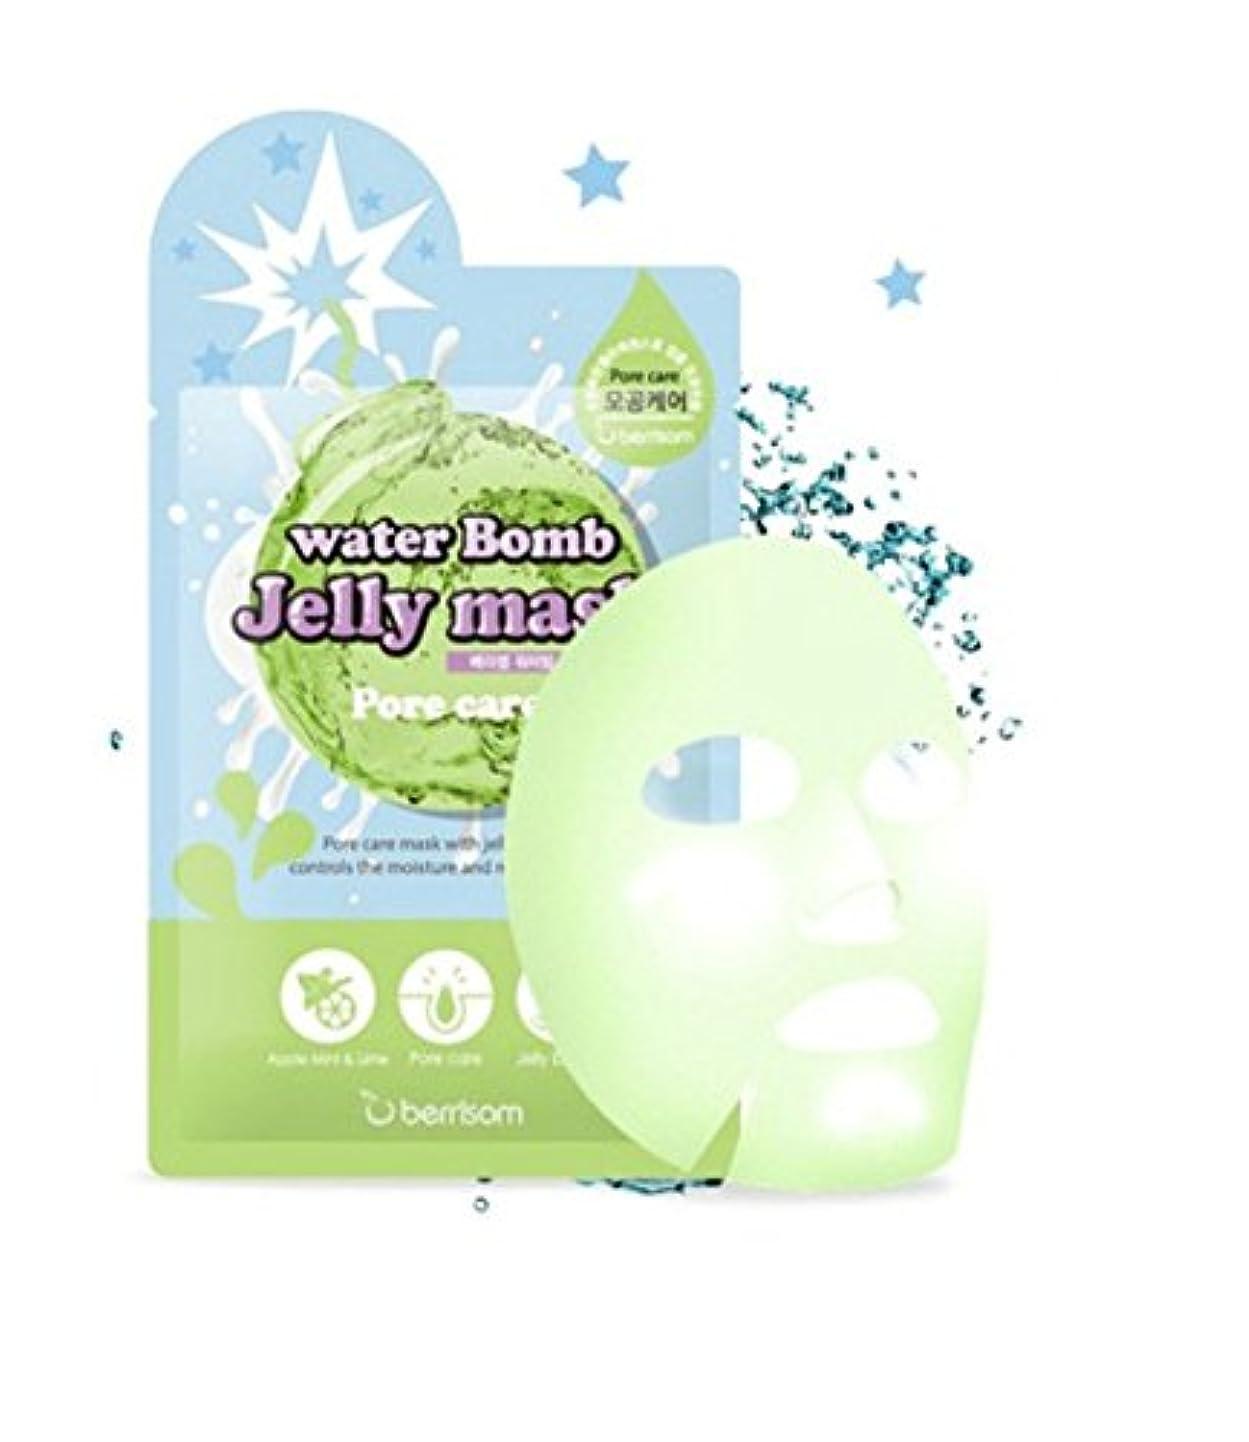 発行する手荷物説明的ベリサム(berrisom) ウォーター爆弾ジェリーマスクパック Water Bomb Jelly Mask #毛穴ケアー